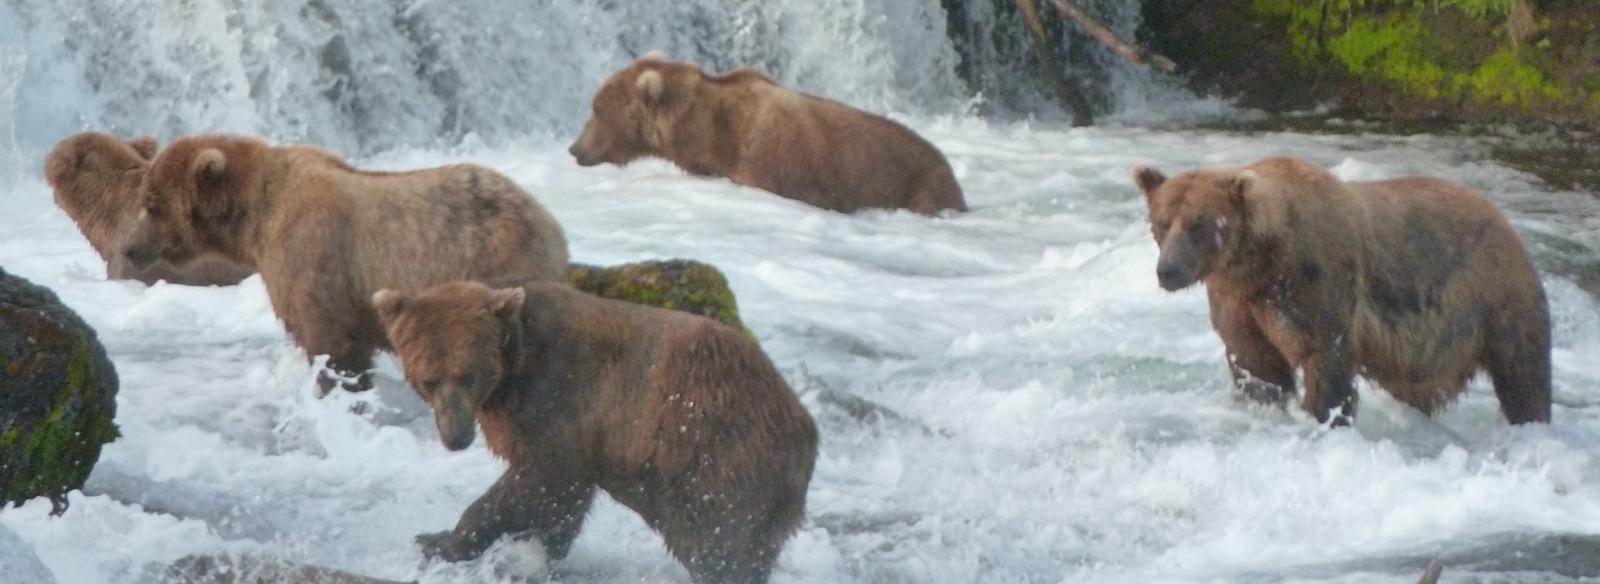 groupe d'ours bruns marchant dans la rivière